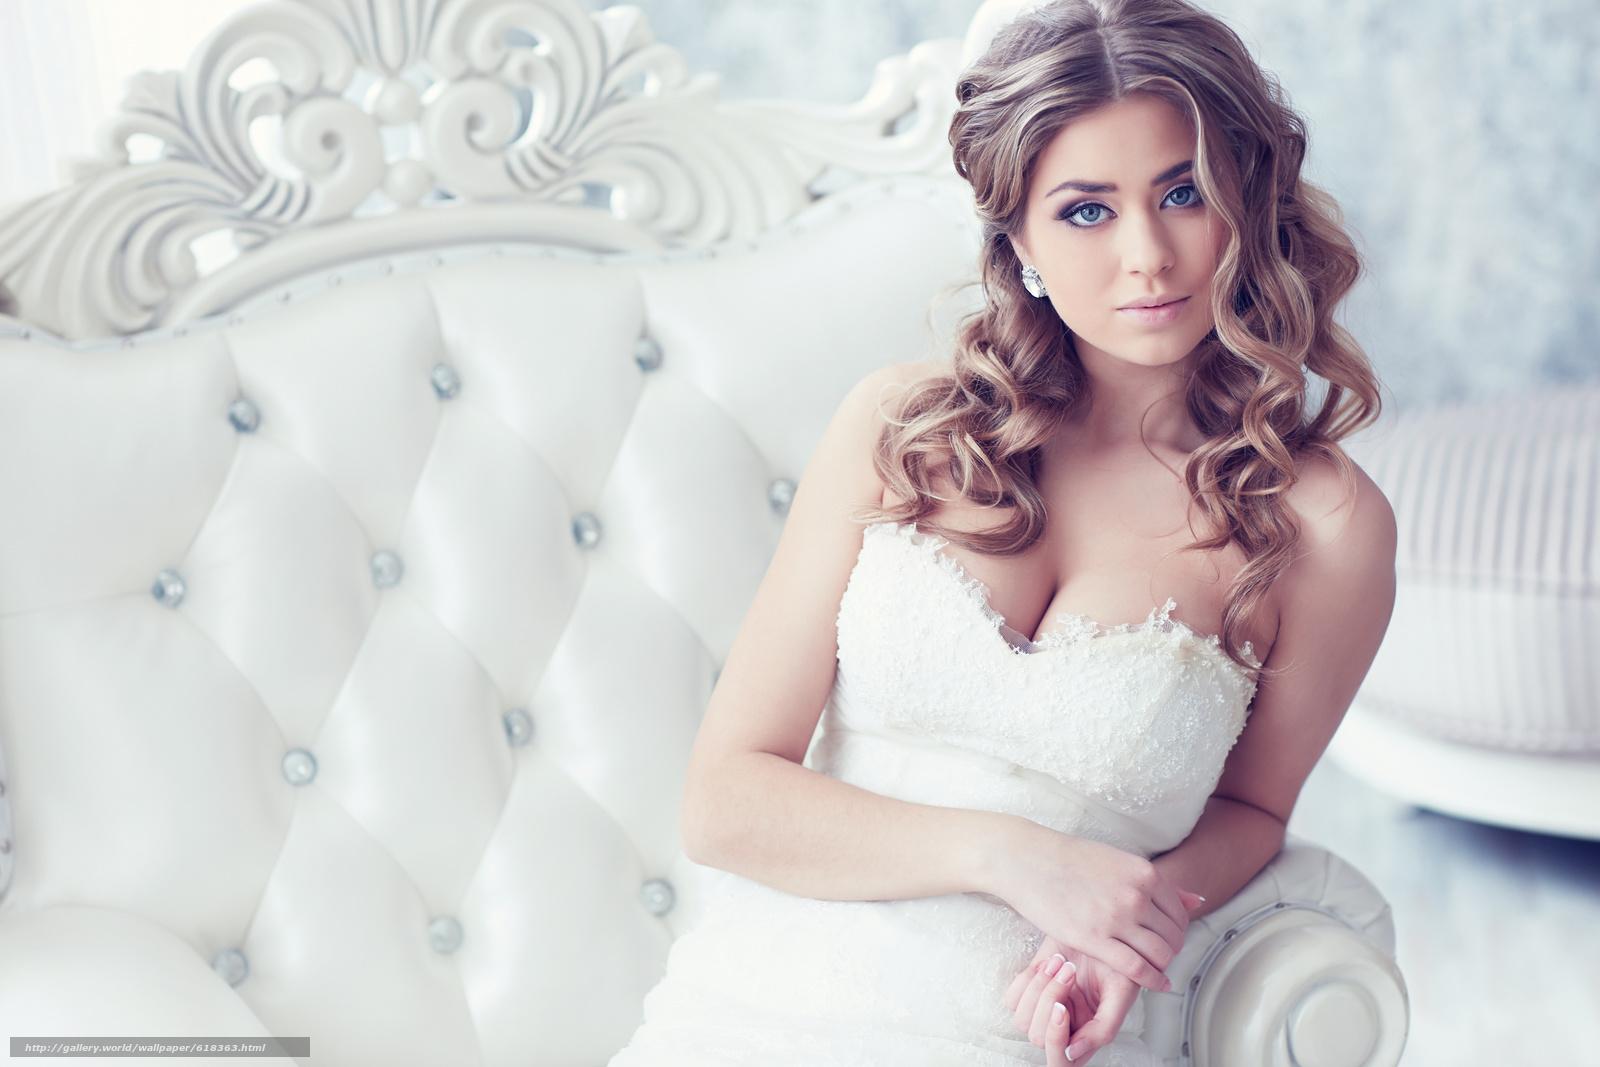 Скачать обои невеста,  платье,  декольте,  локоны бесплатно для рабочего стола в разрешении 5472x3648 — картинка №618363